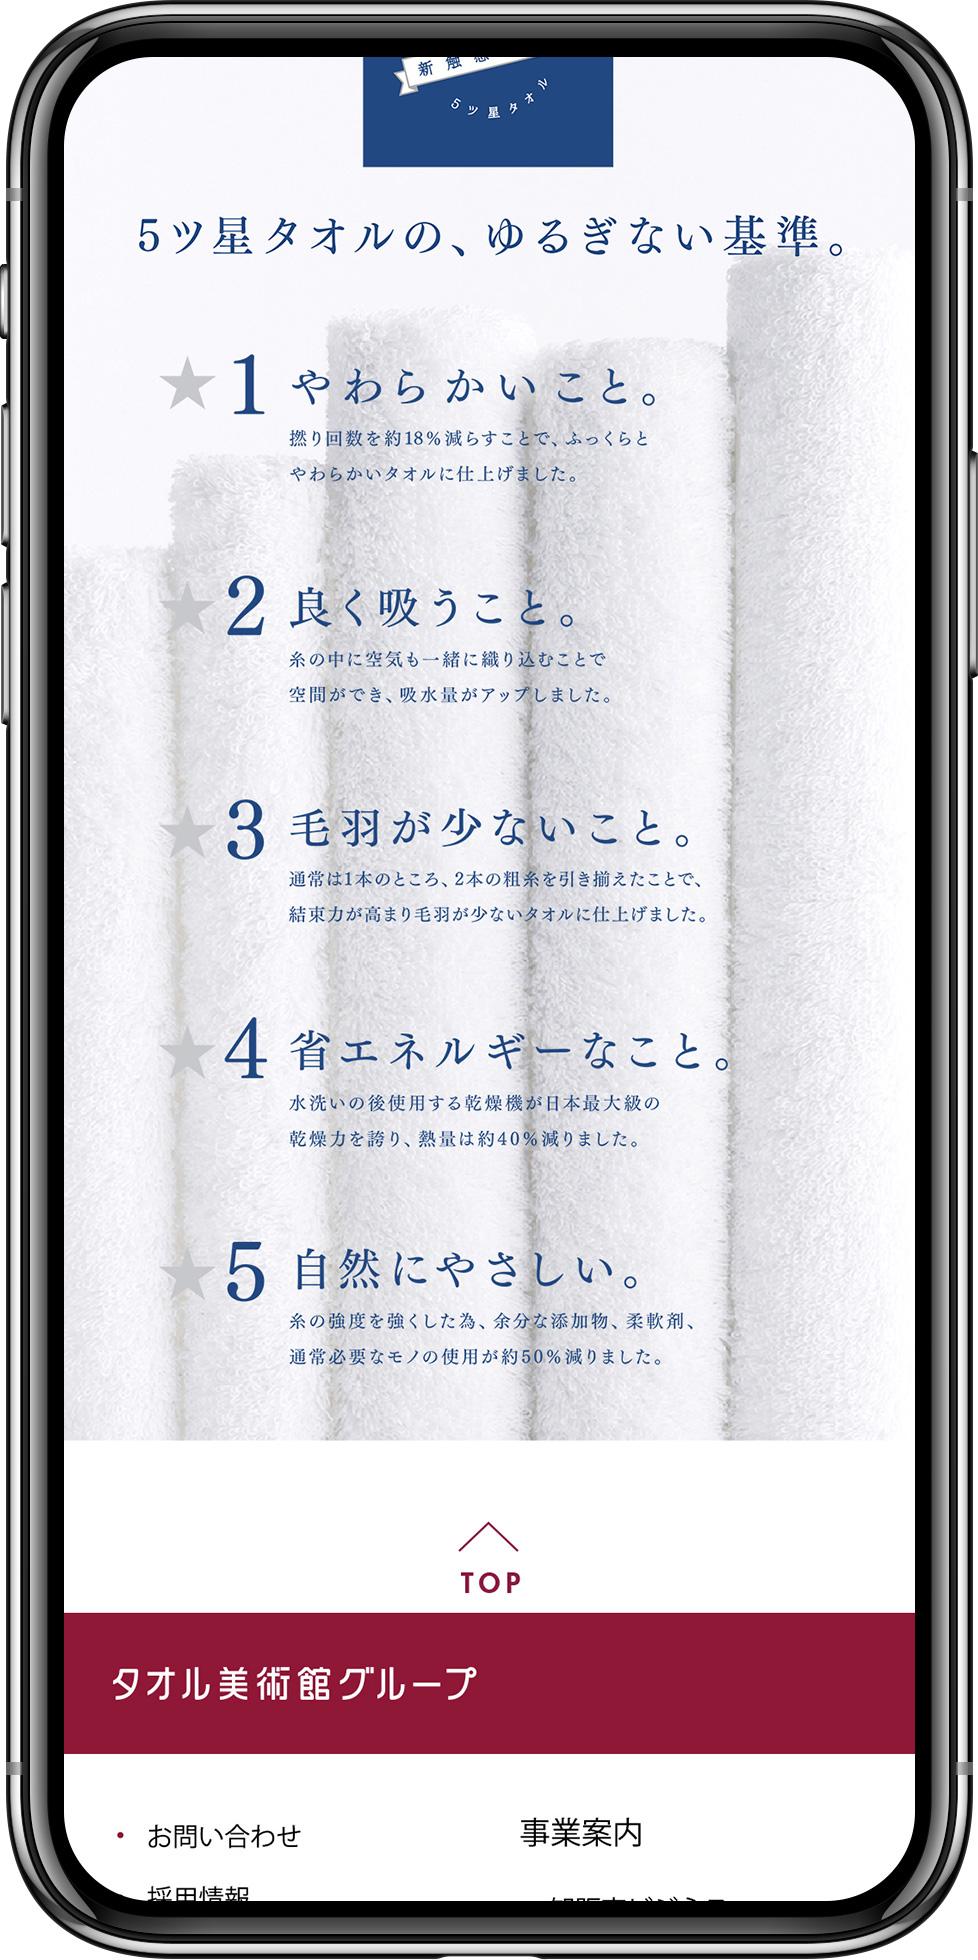 http://artpeace.jp/wp-content/uploads/2018/05/work_tw.png